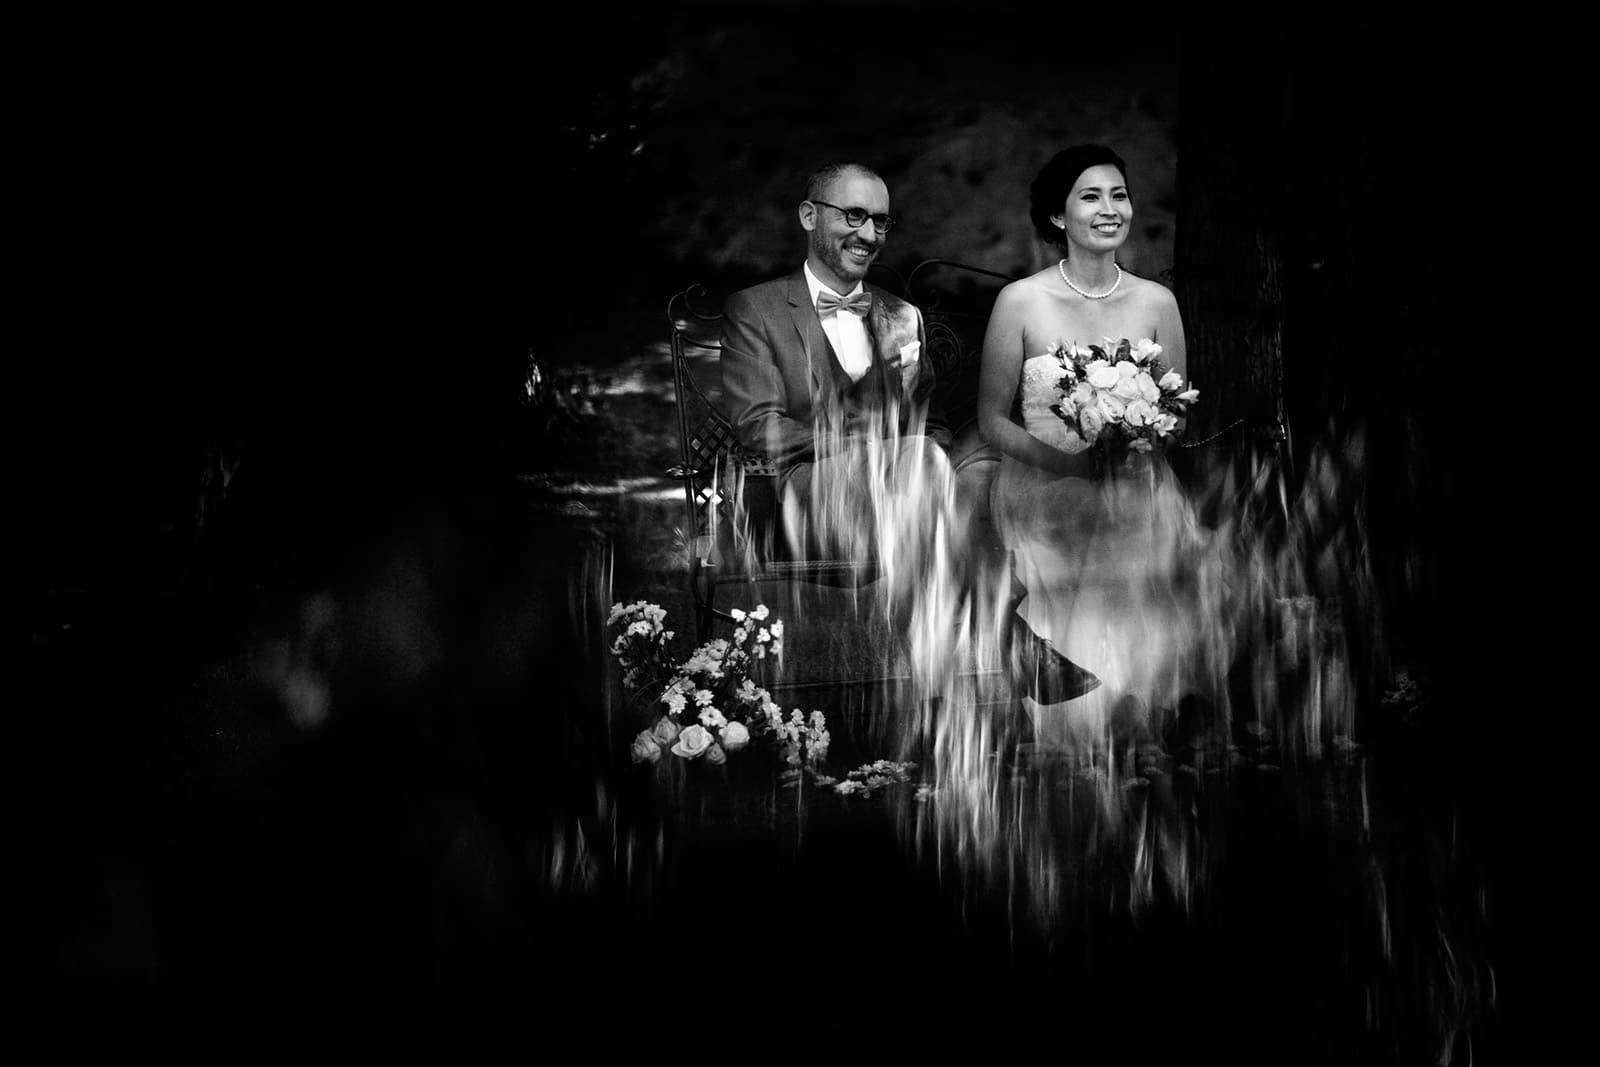 meilleur photographe de mariage Brives Charensac photographe de mariage Brives Charensac/Madagascar